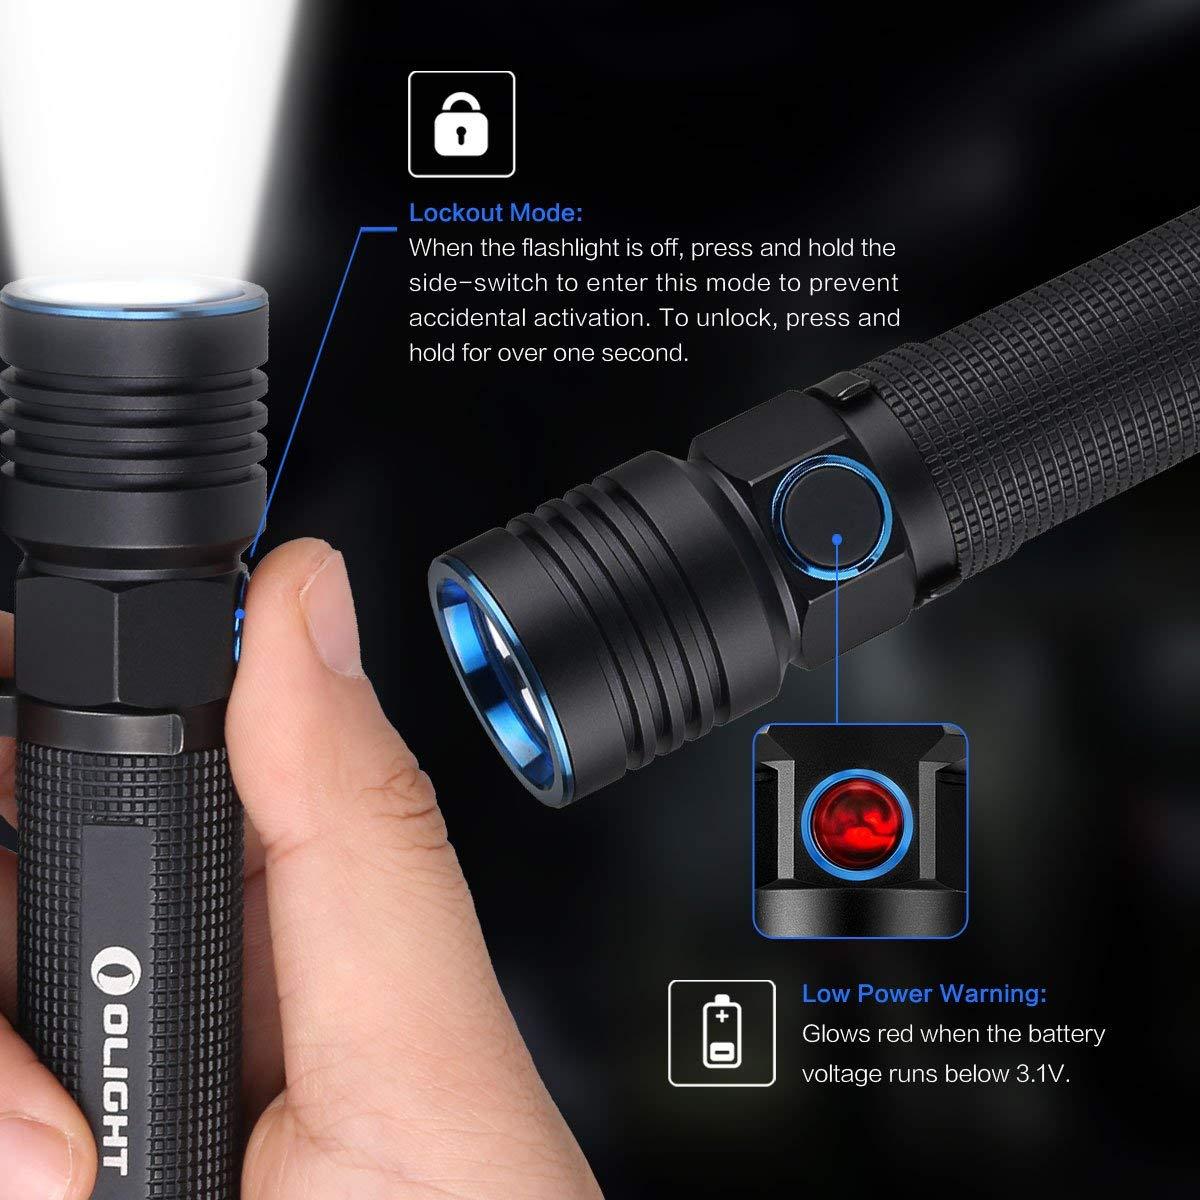 OLIGHT S30R III Lampe Torche Puissante Rechargeable LED de Haute Qualit/é Sortie Max de 1050 Lumens 188m Batterie 18650 3500mAh 3.6V Charge Rapide avec Socle de Chargement